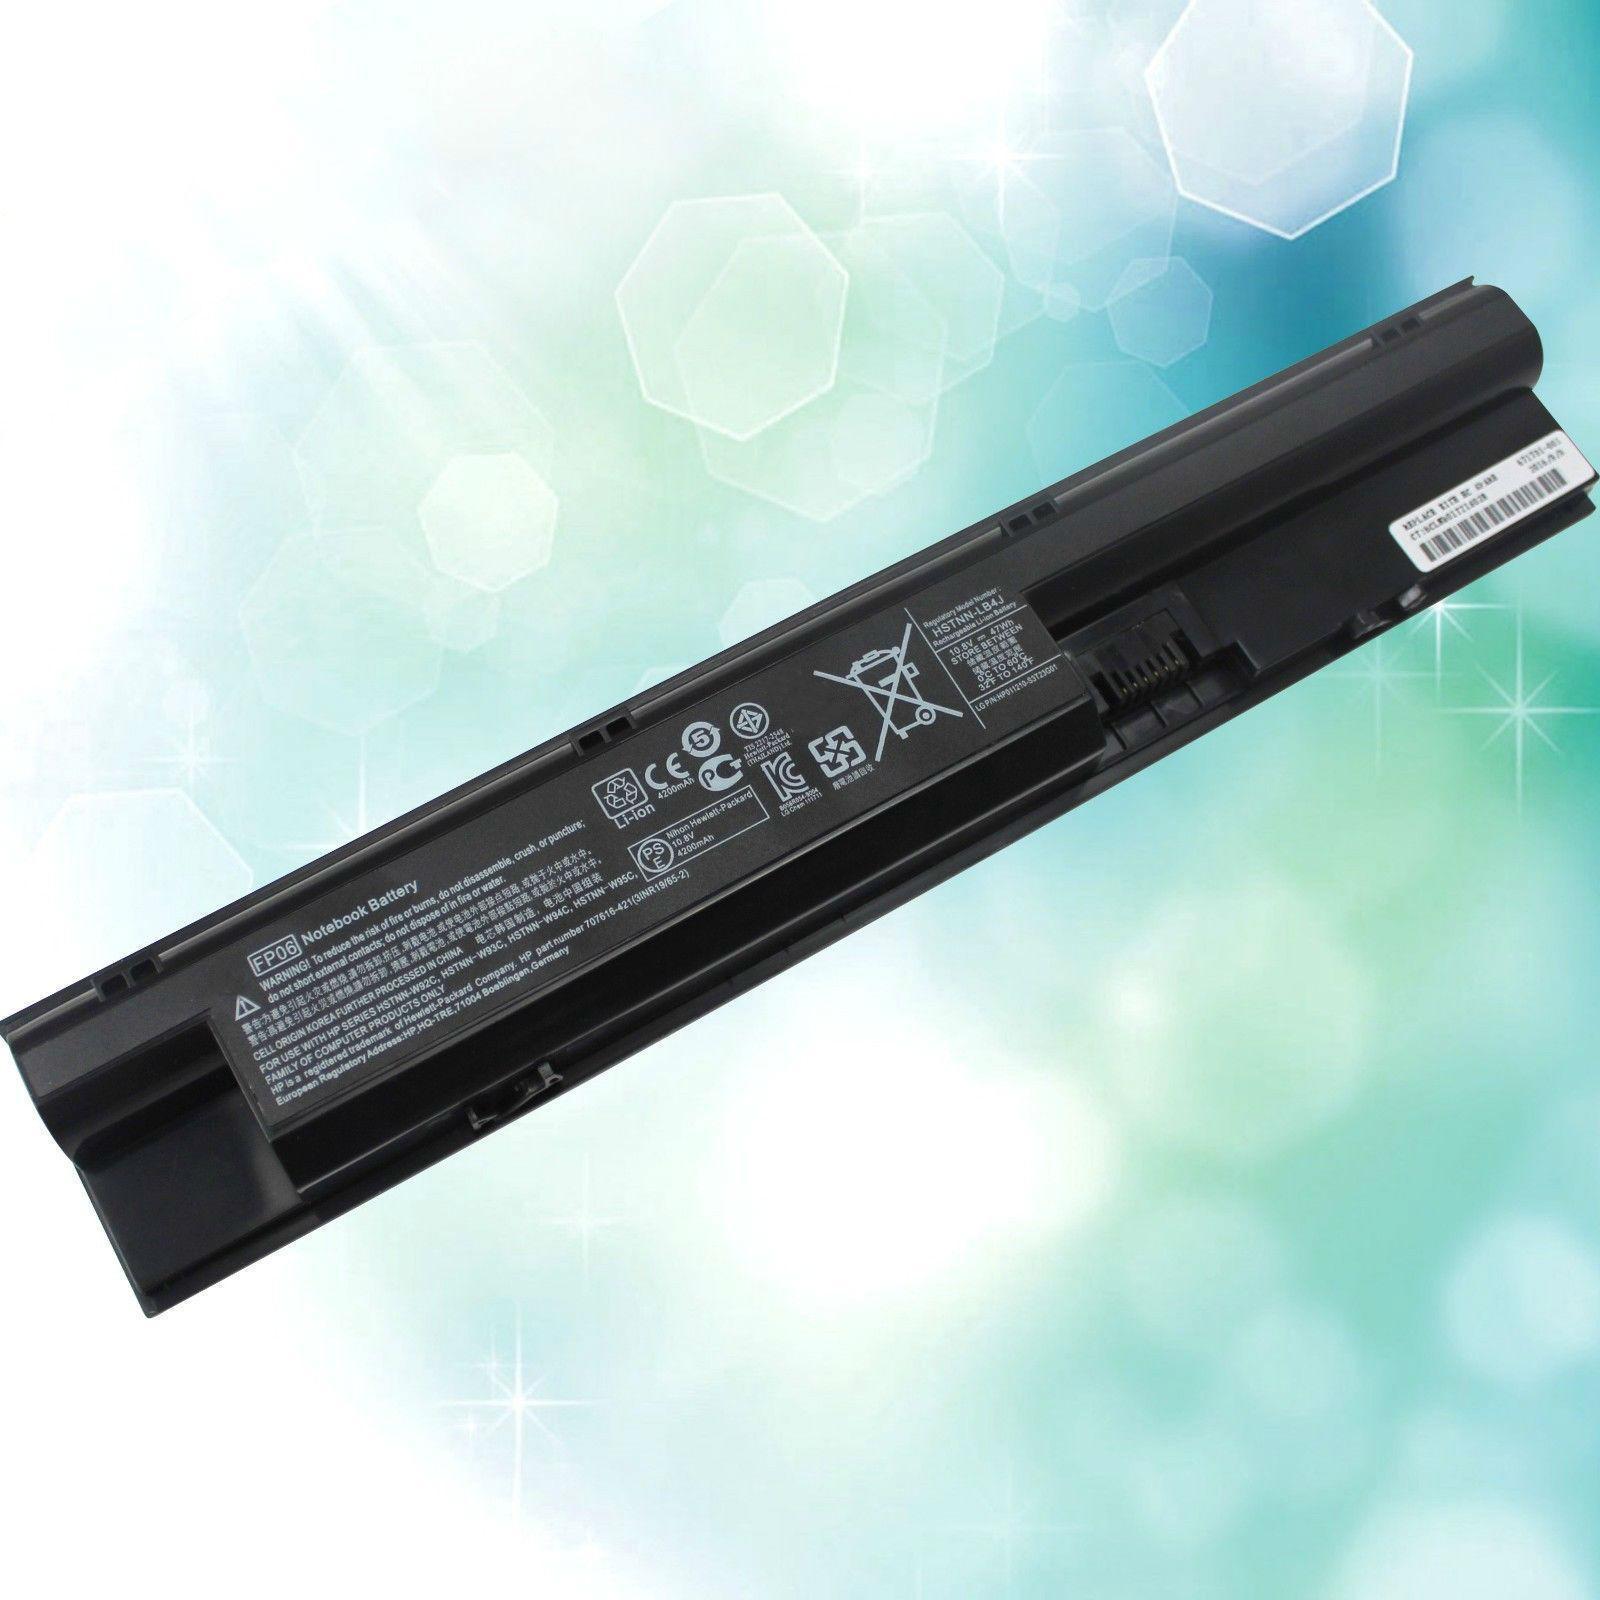 PIN LAPTOP HP ProBook 440 G0, 440 G1, 445 G0, 445 G1, 450 G0, 450 G1, 455 G0, 455 G1,...